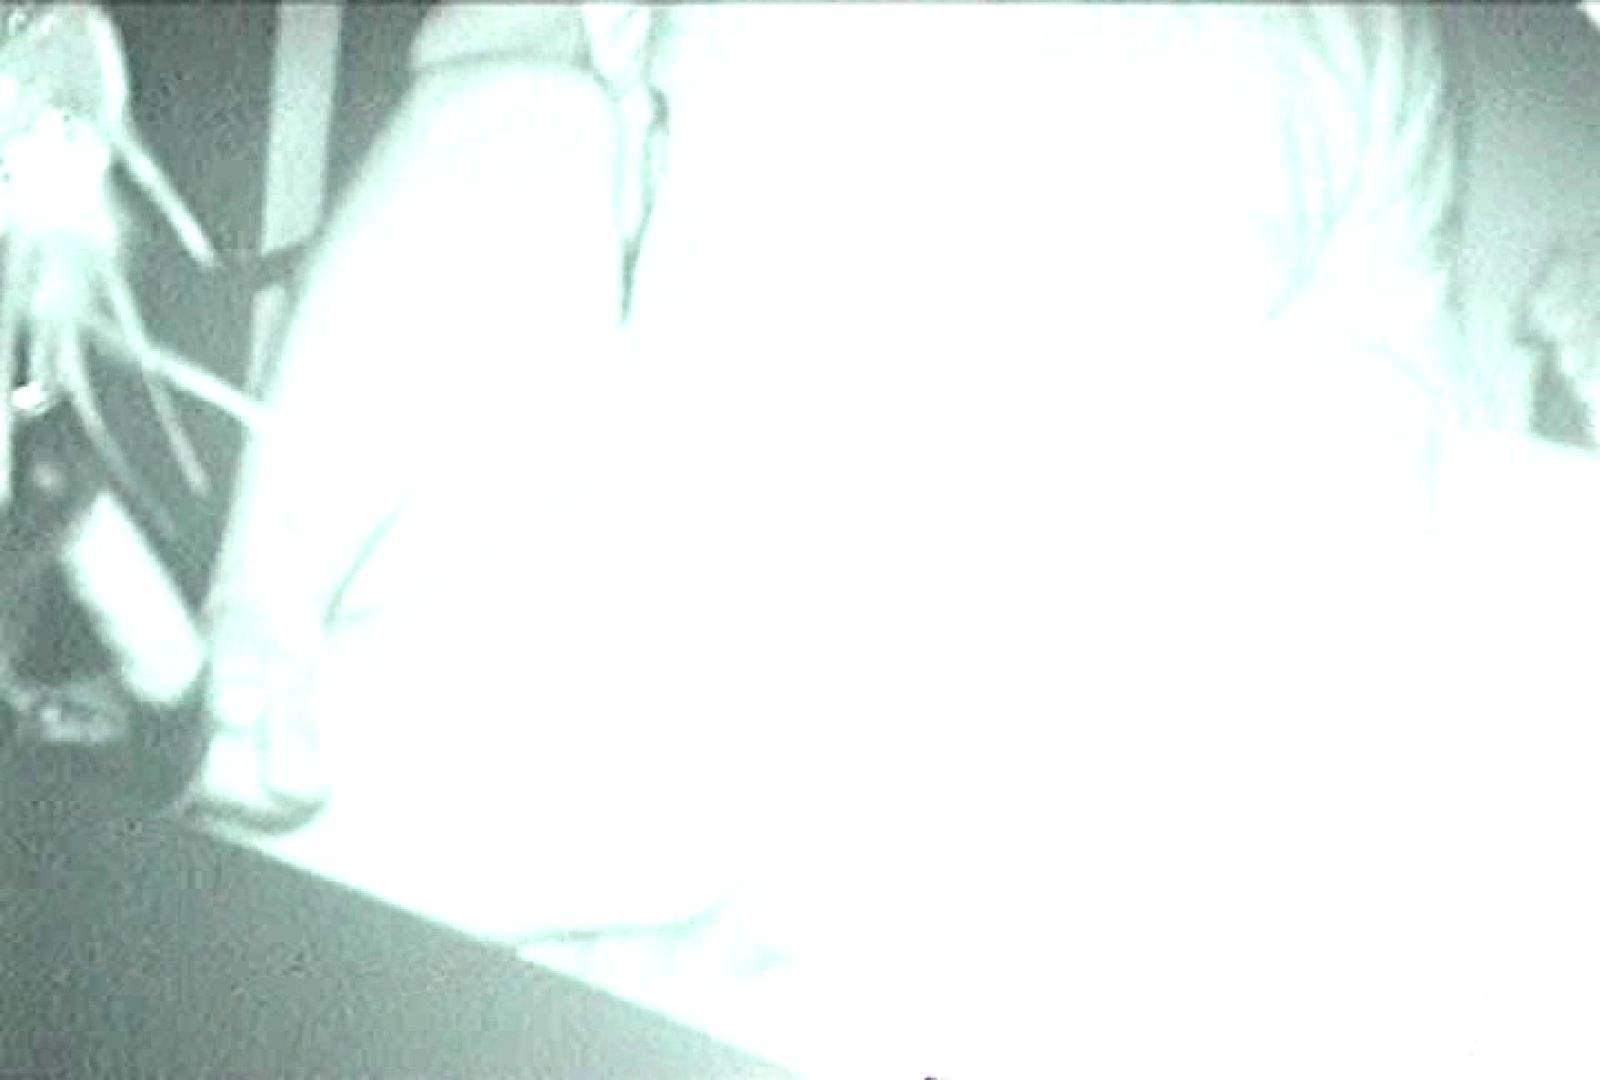 充血監督の深夜の運動会Vol.99 ギャルのエロ動画 | カップル盗撮  87画像 5